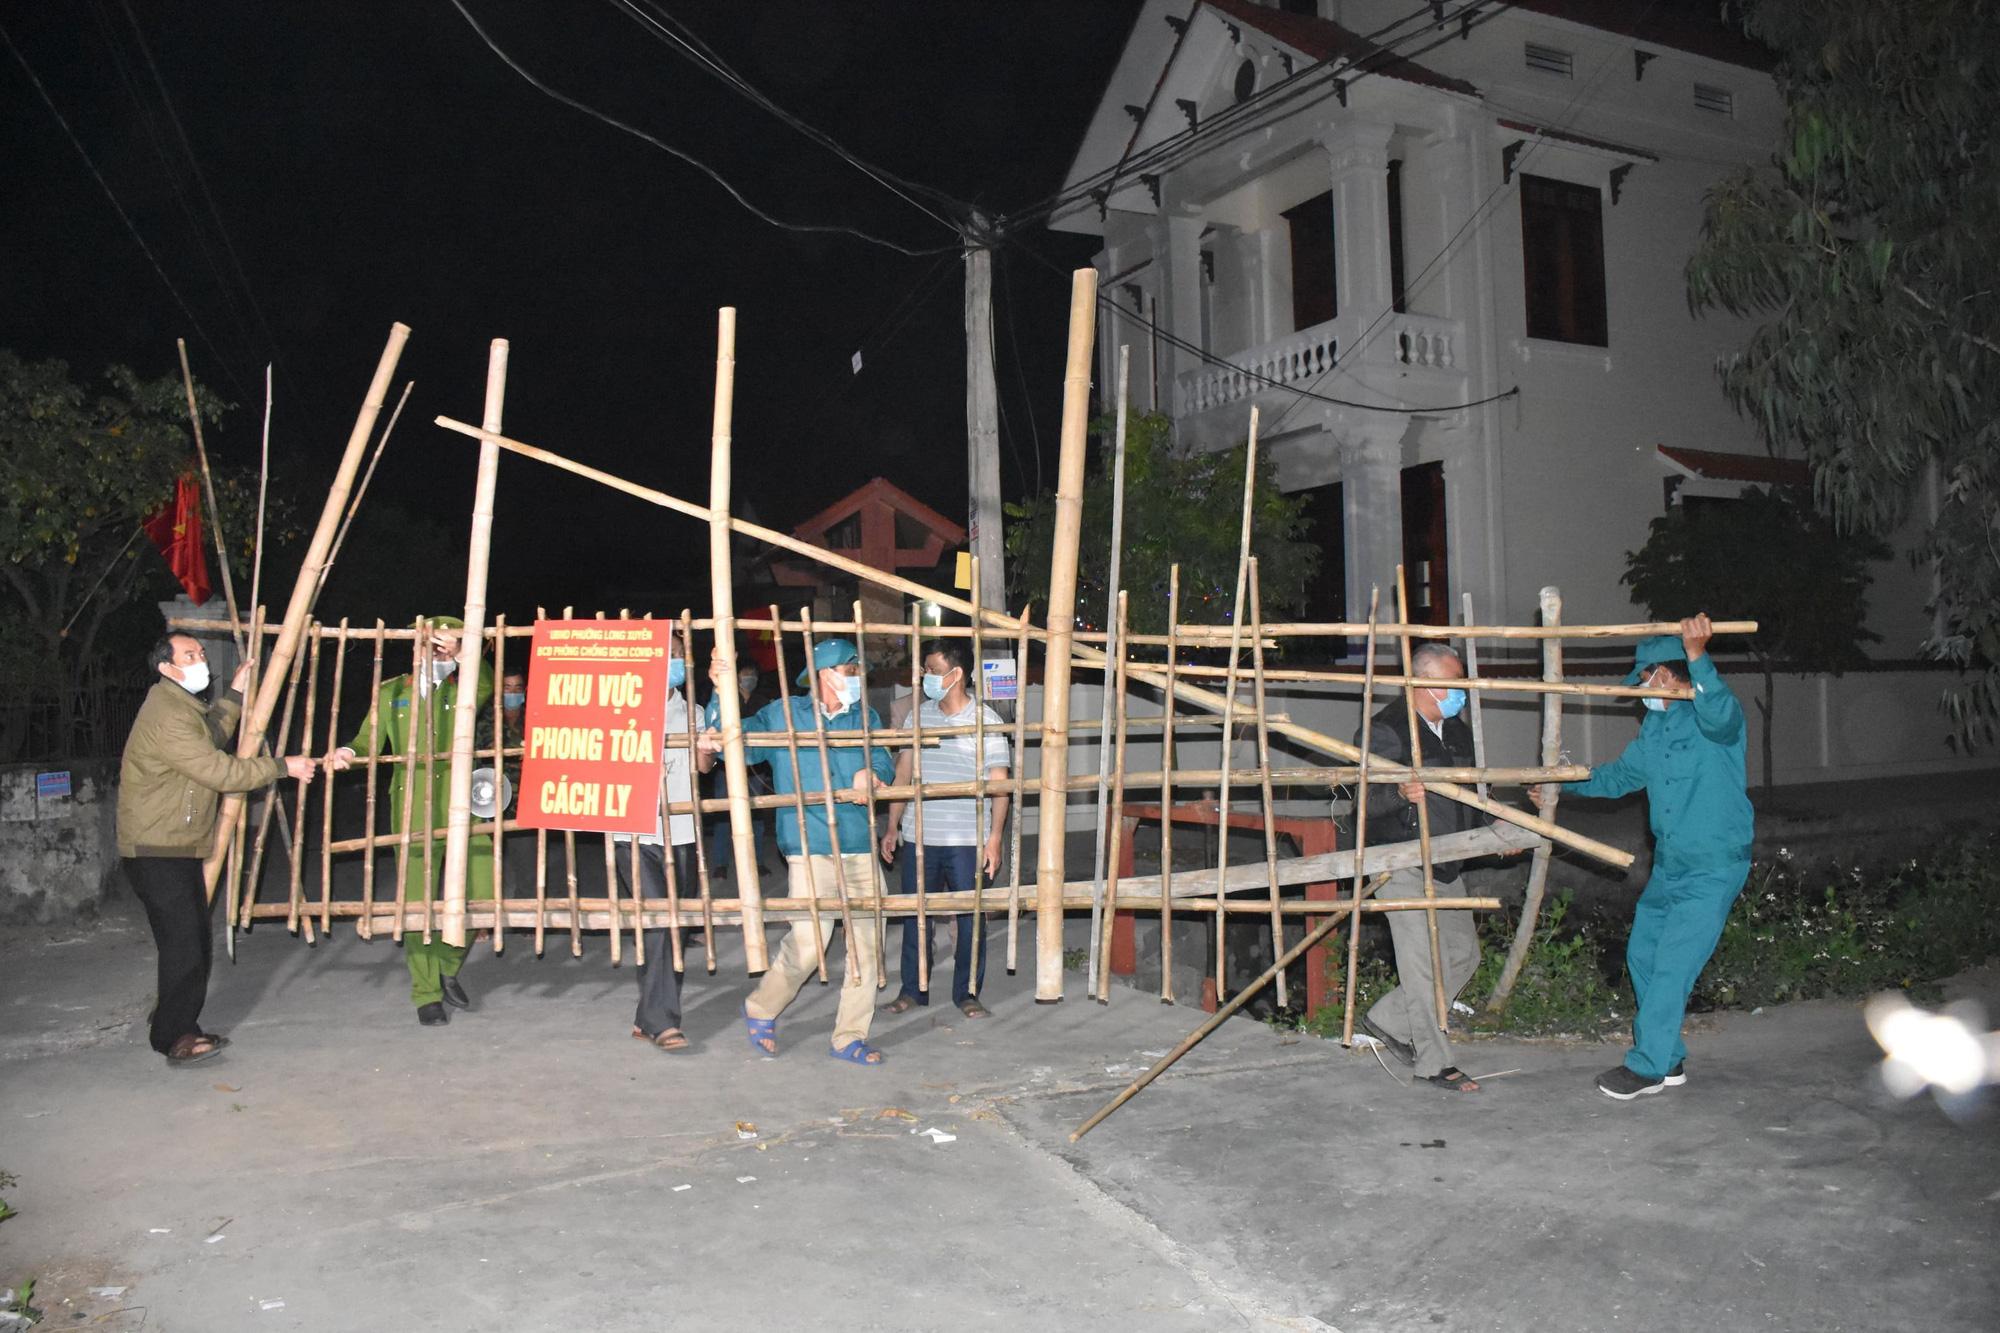 Hải Dương: Gỡ bỏ cách ly y tế 13 thôn, khu dân cư  - Ảnh 2.